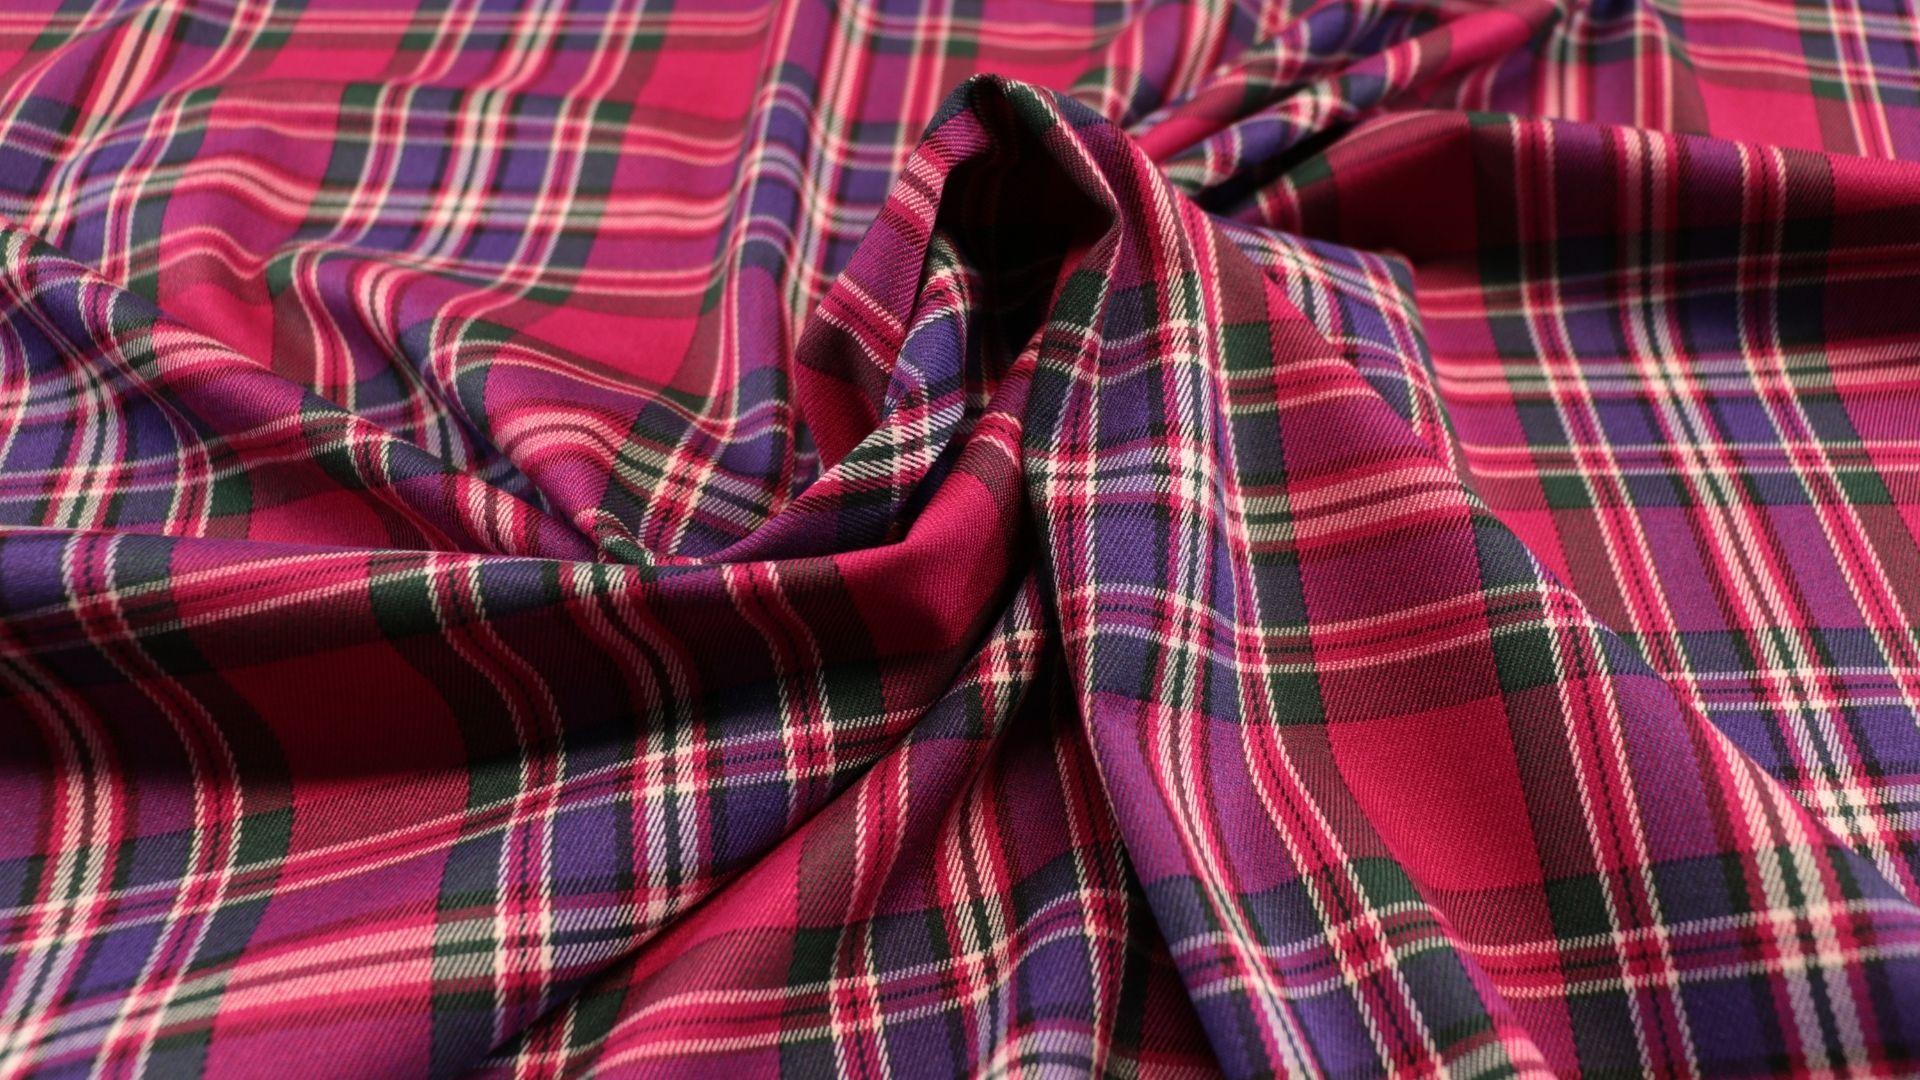 il particolare del tessuto cork tartan, appartenente alla categoria fantasie classici, di Leadford & Logan